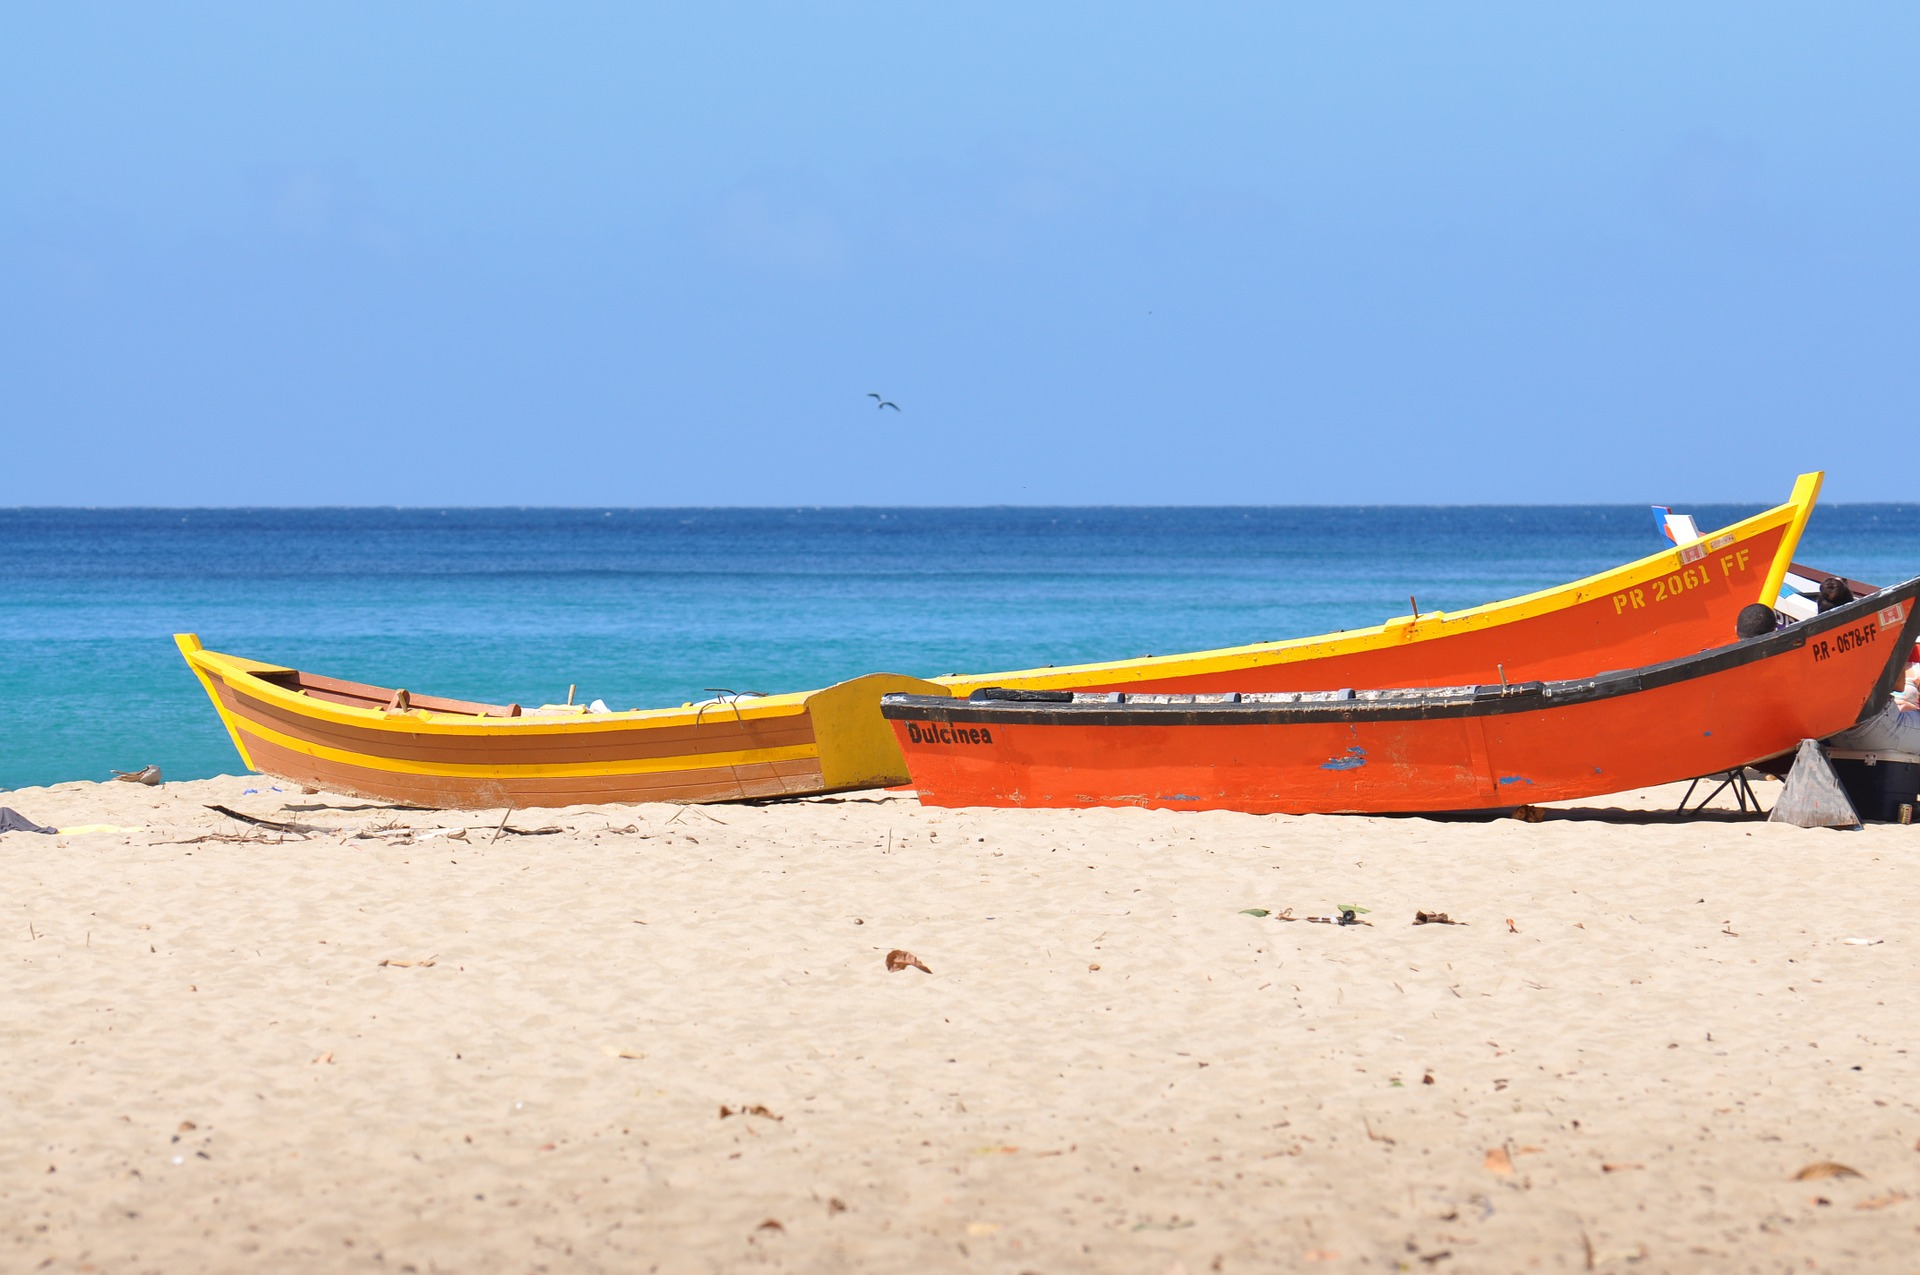 Puerto Rico Reise eine Woche günstig buchen ab 894,00€ - Ponce 3 Sterne